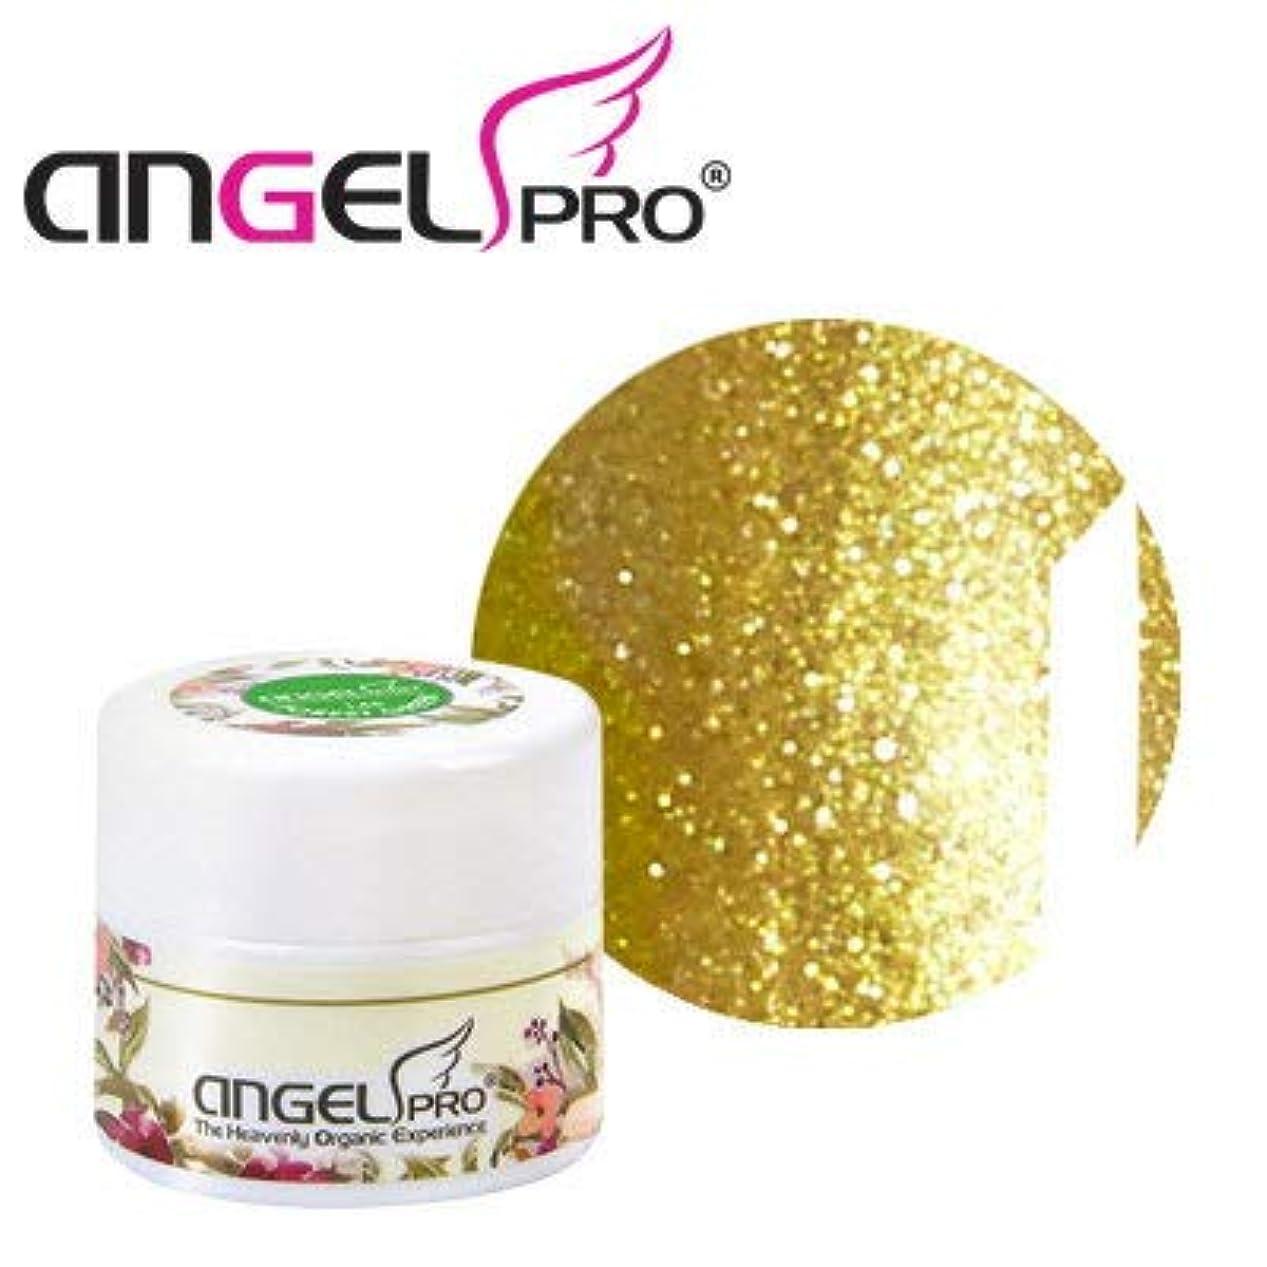 ANGEL PRO ポットジェリー #83 GOLD DUST 4g